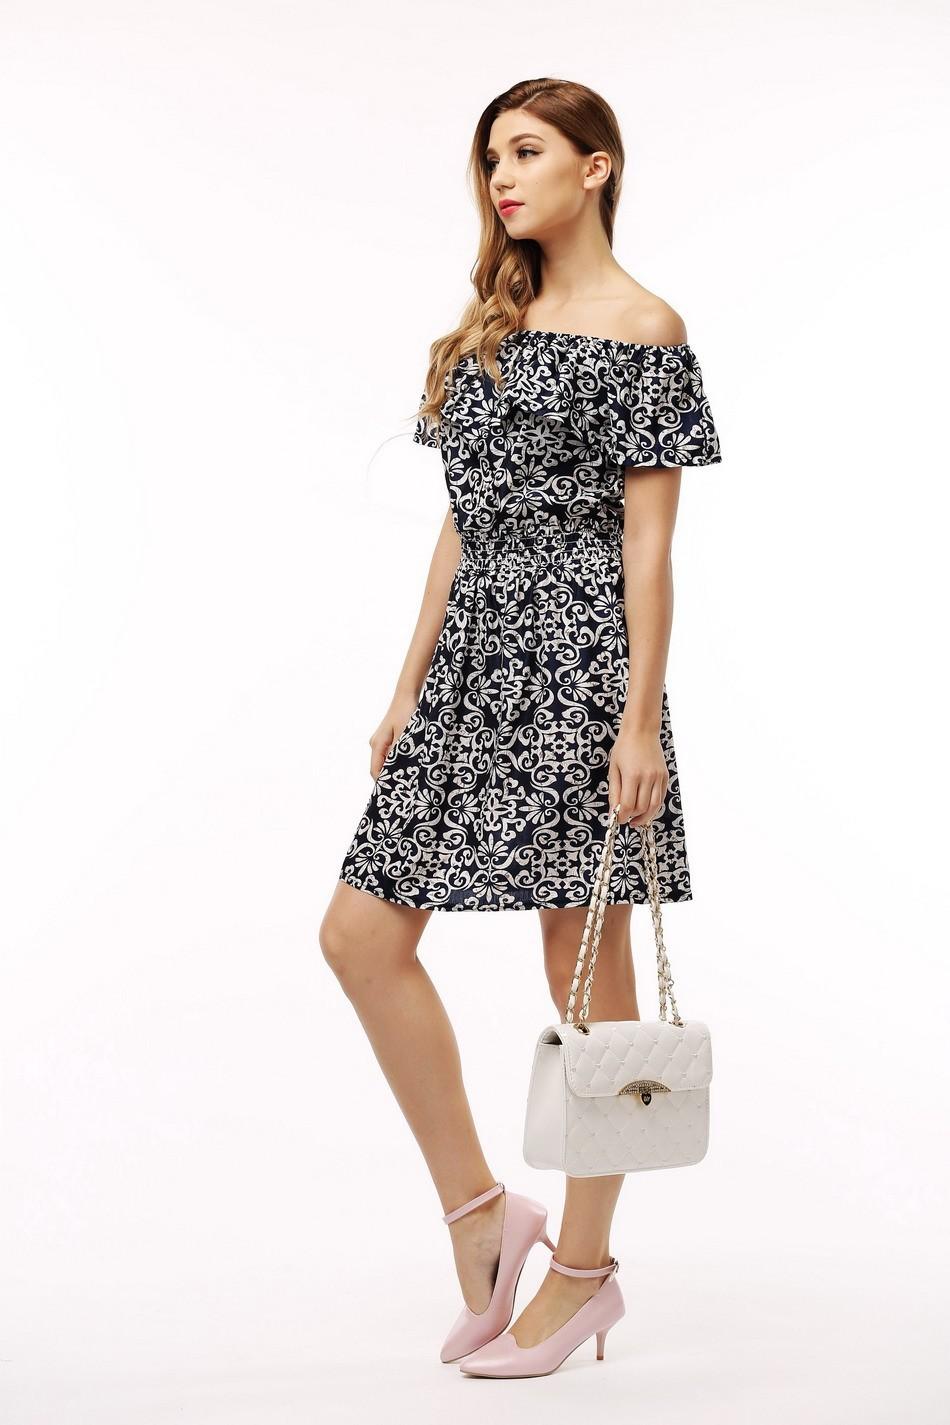 2017 fashion nowa wiosna lato plus size odzież kobiet floral print wzór sukienki na co dzień vestidos wc0472 12